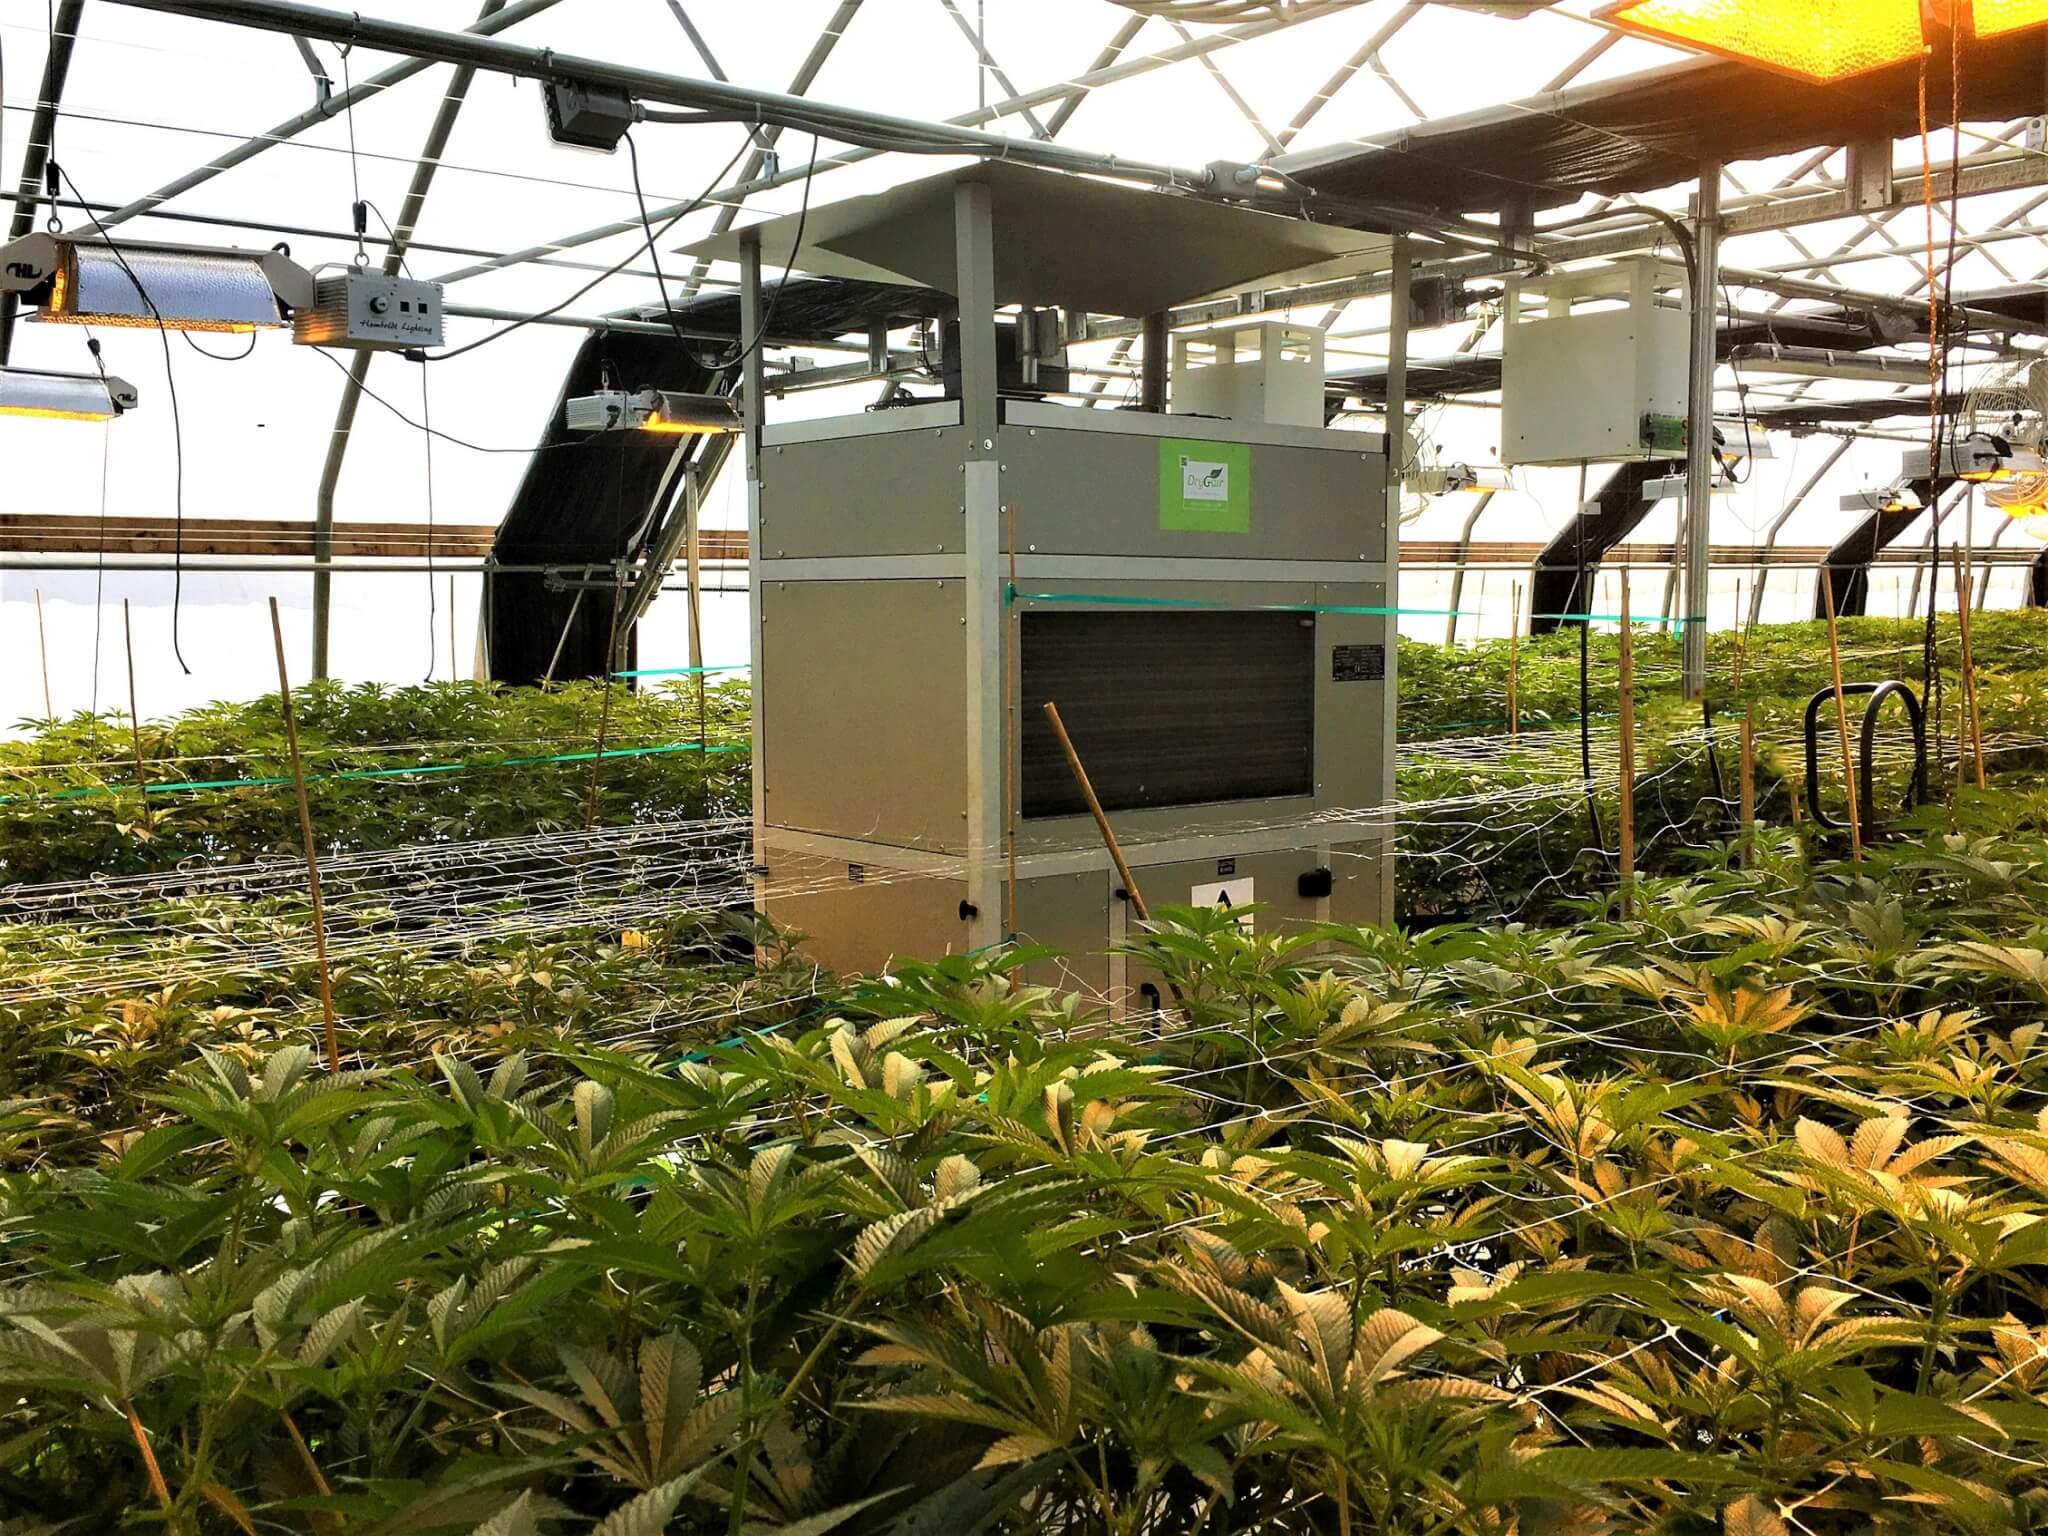 DG-3 en un Invernadero de Cannabis